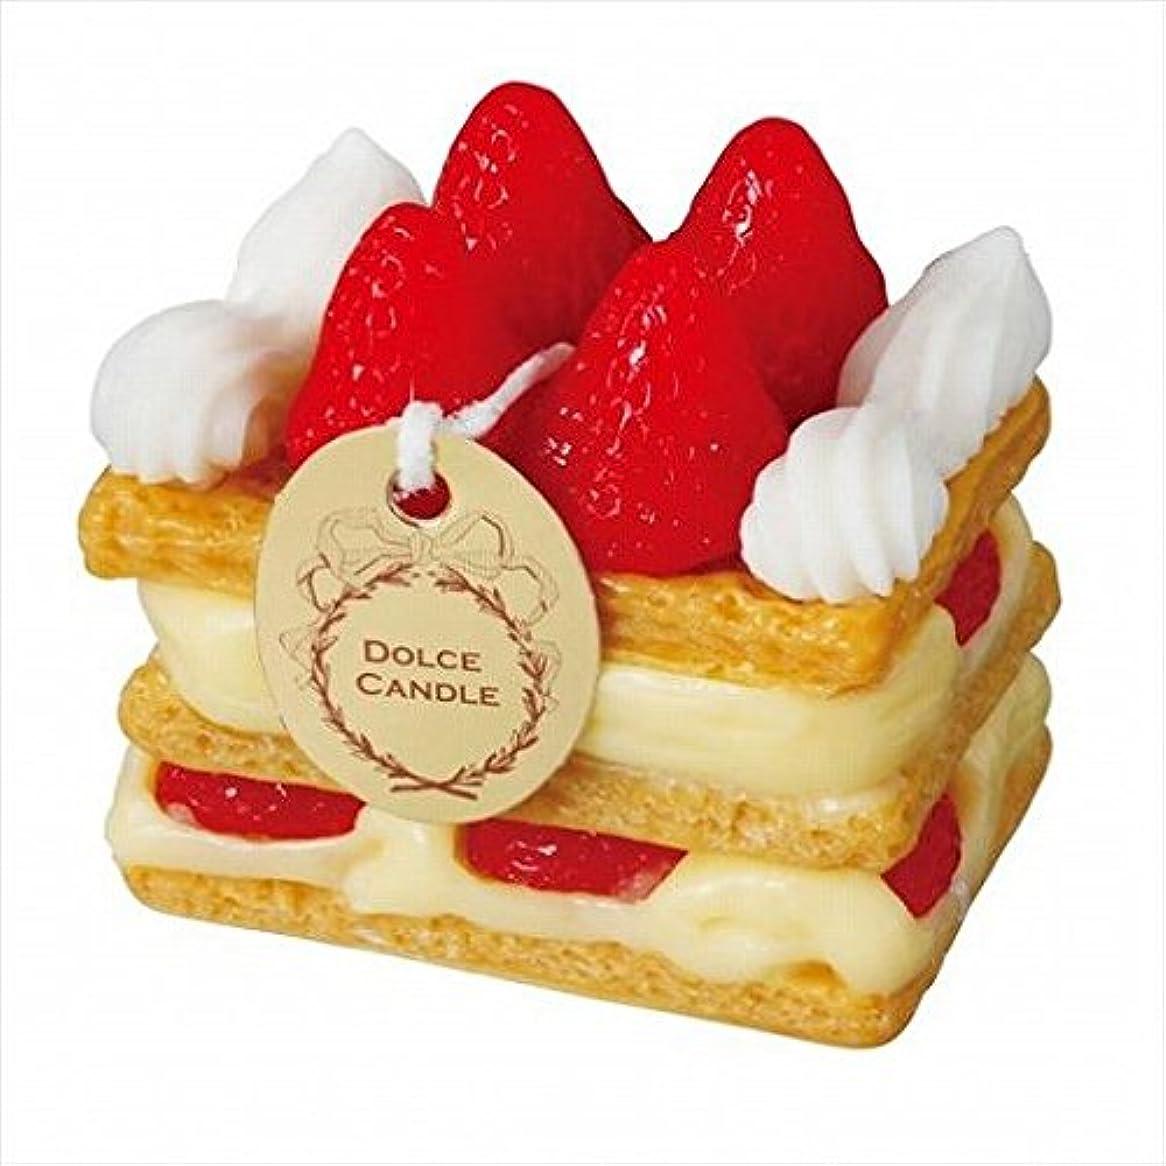 先見の明こねる債権者sweets candle(スイーツキャンドル) ドルチェキャンドル 「 ミルフィーユ 」 キャンドル 60x40x60mm (A4340510)